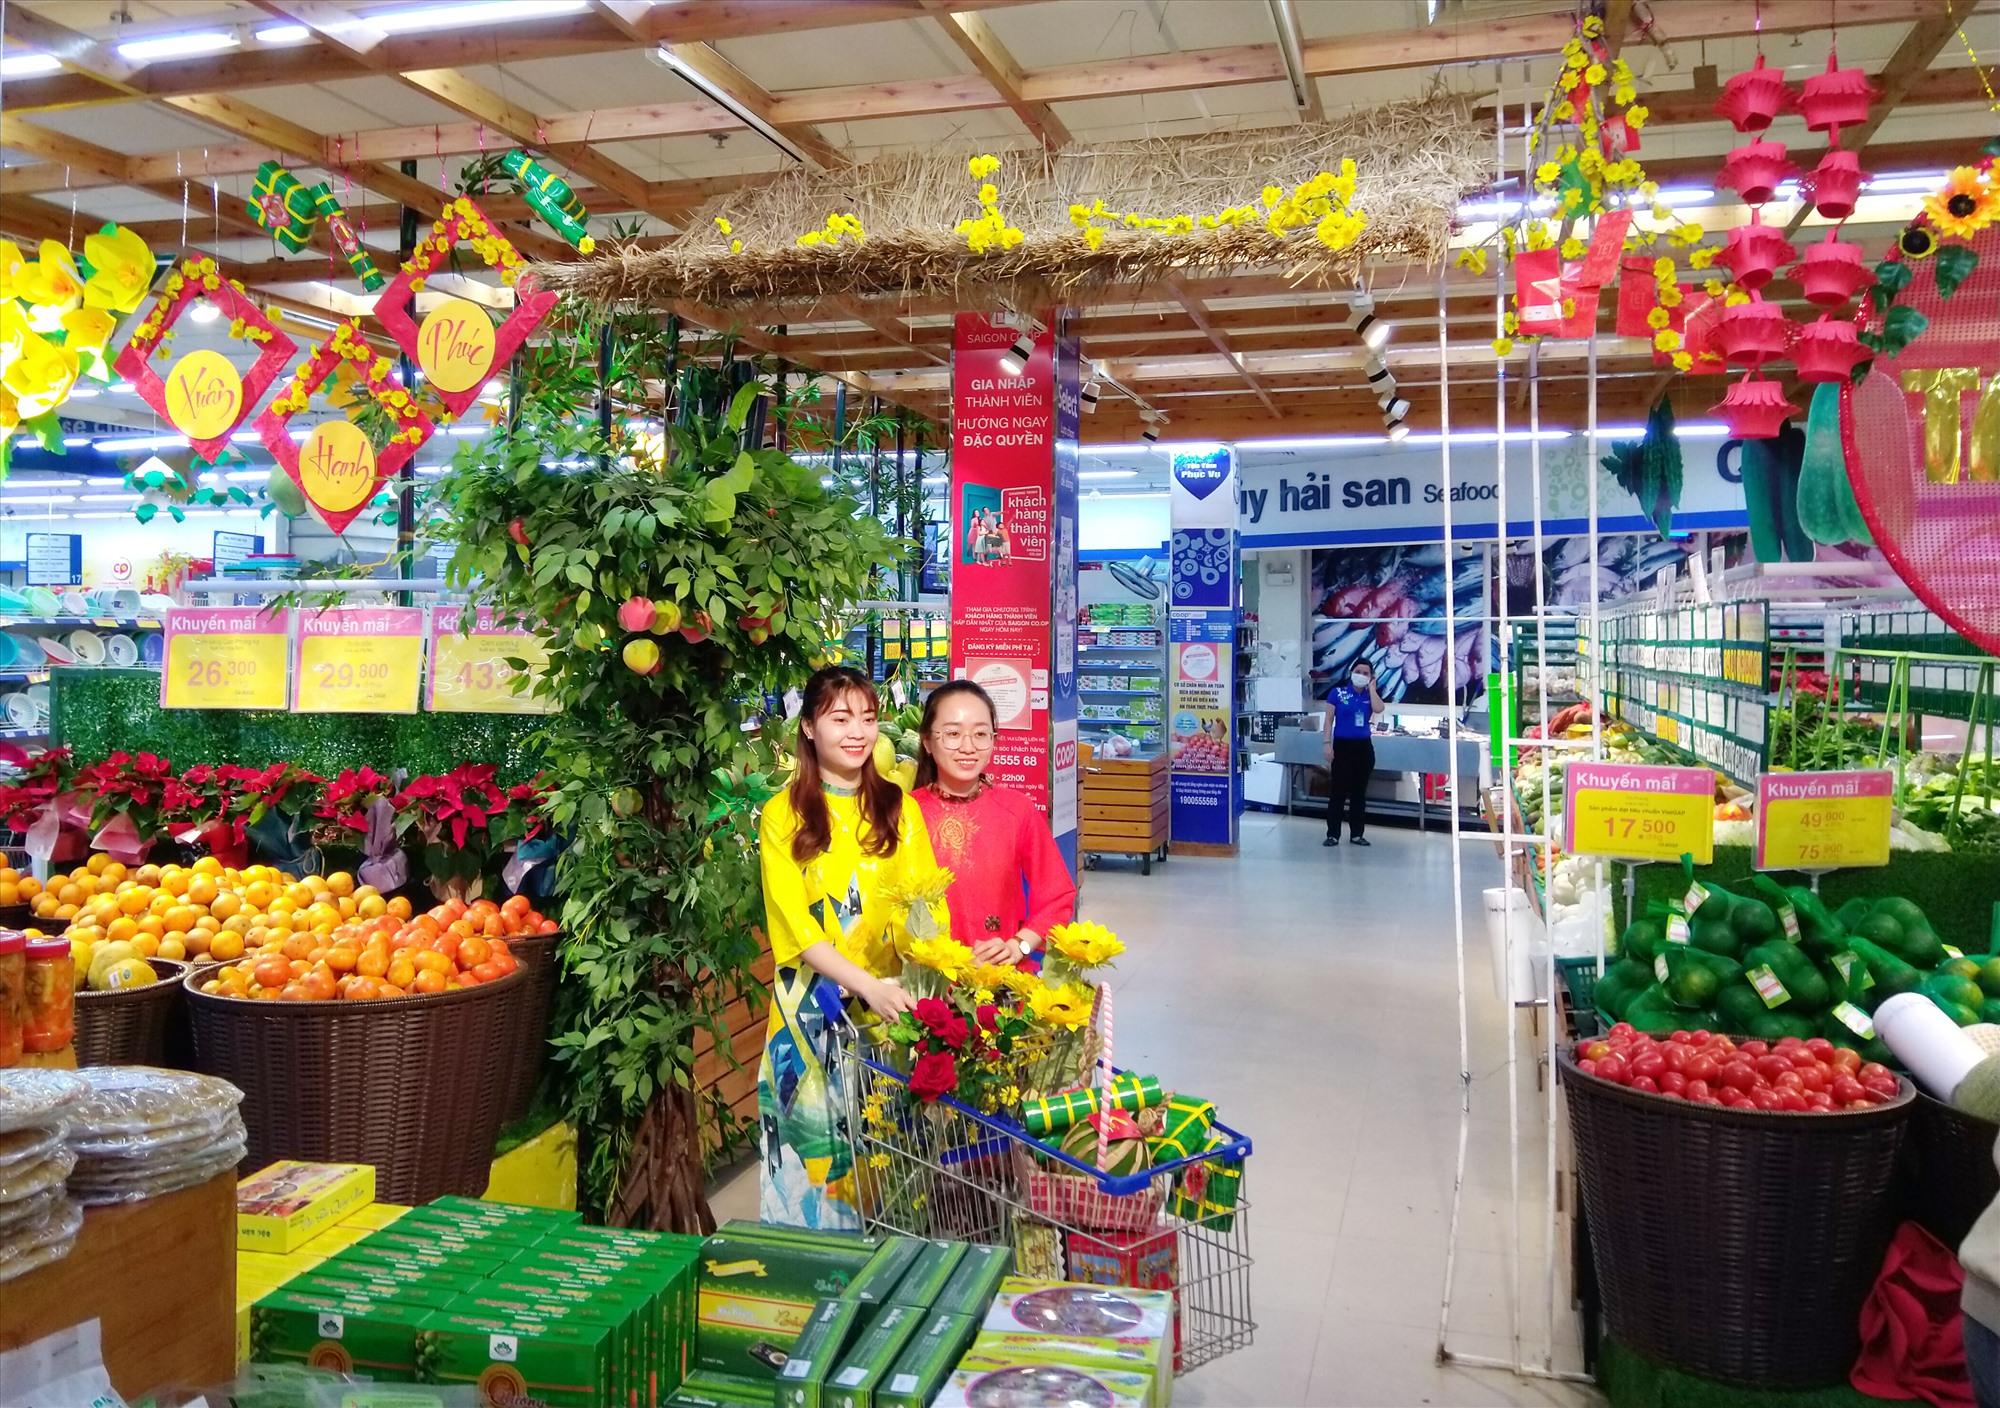 Bà Trần Thị Như Lai - Giám đốc Co.opMart Tam Kỳ cho biết, năm nay các doanh nghiệp cung cấp hàng hóa chú trọng cải thiện mẫu mã, chất lượng, đảm bảo an toàn thực phẩm. Ảnh: T.S